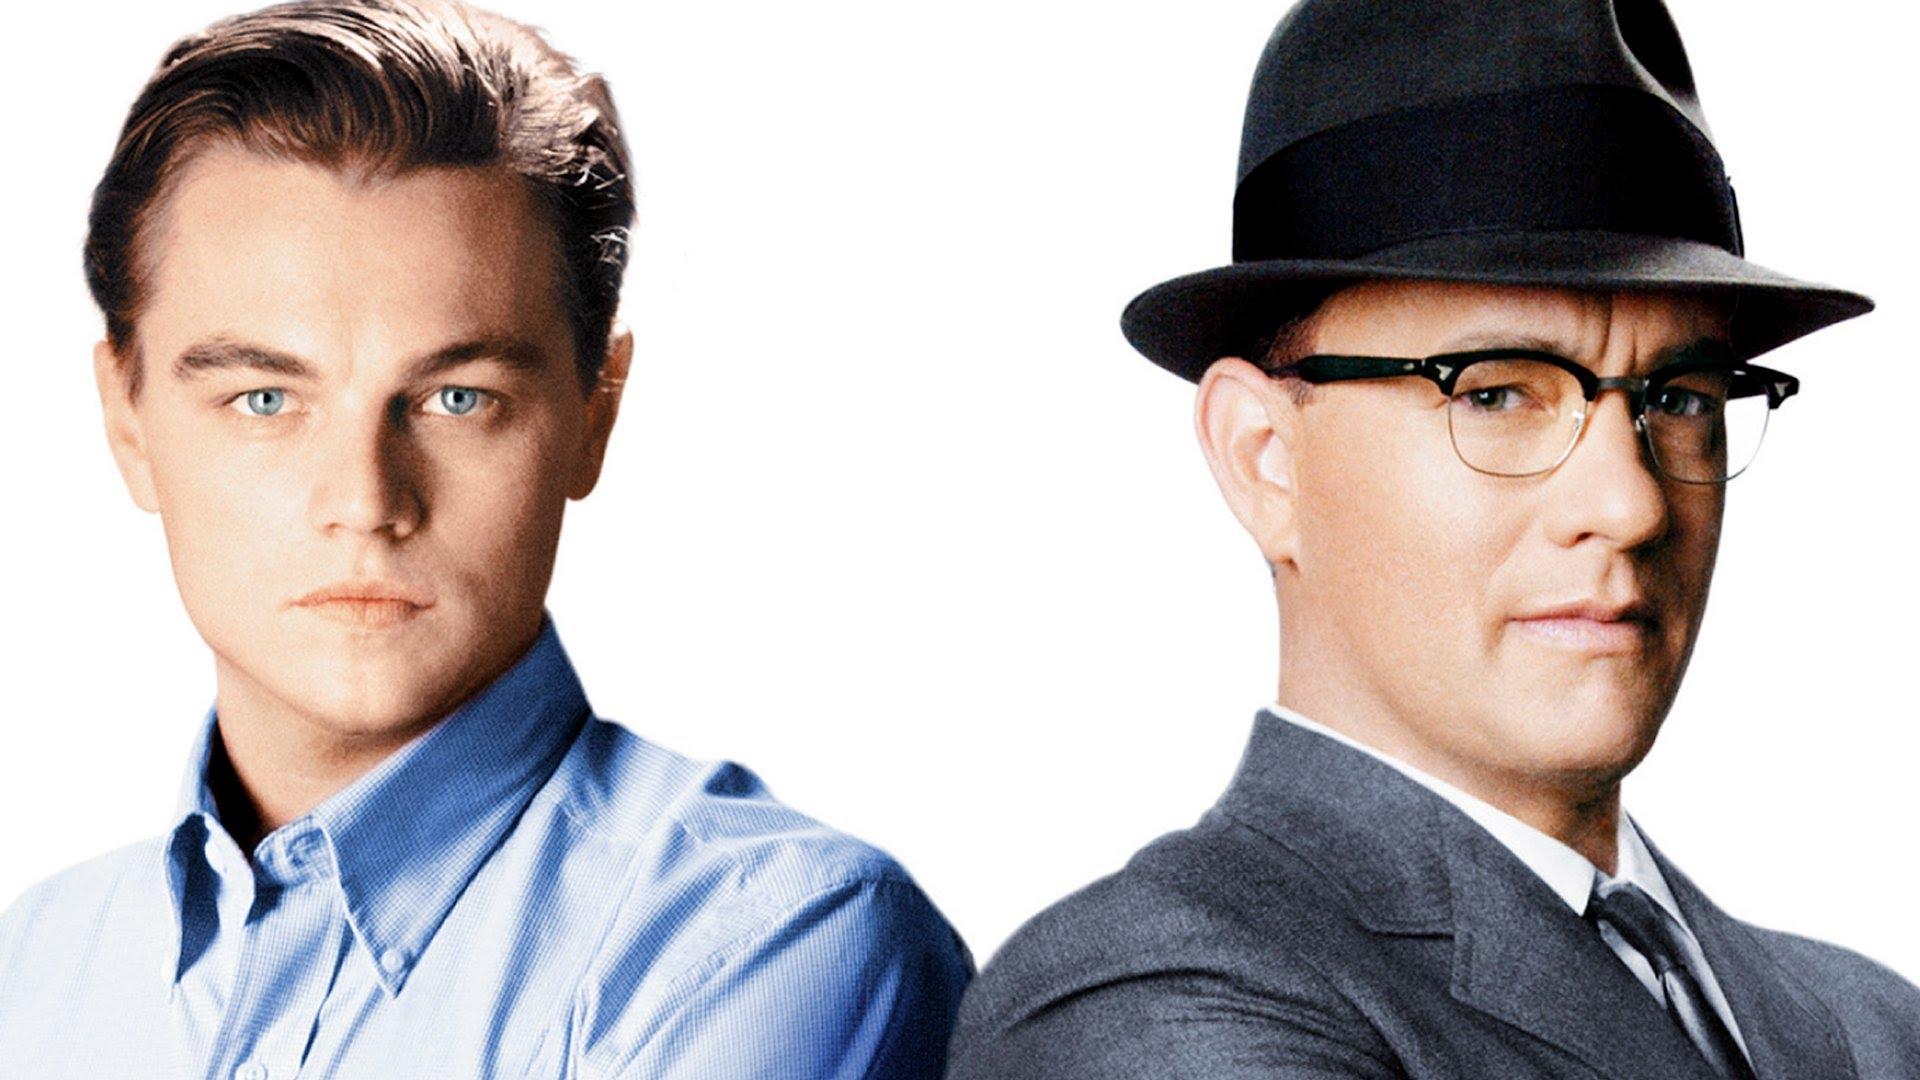 Leonardo DiCaprio ve Tom Hanks'in oyunculuktaki evrimi